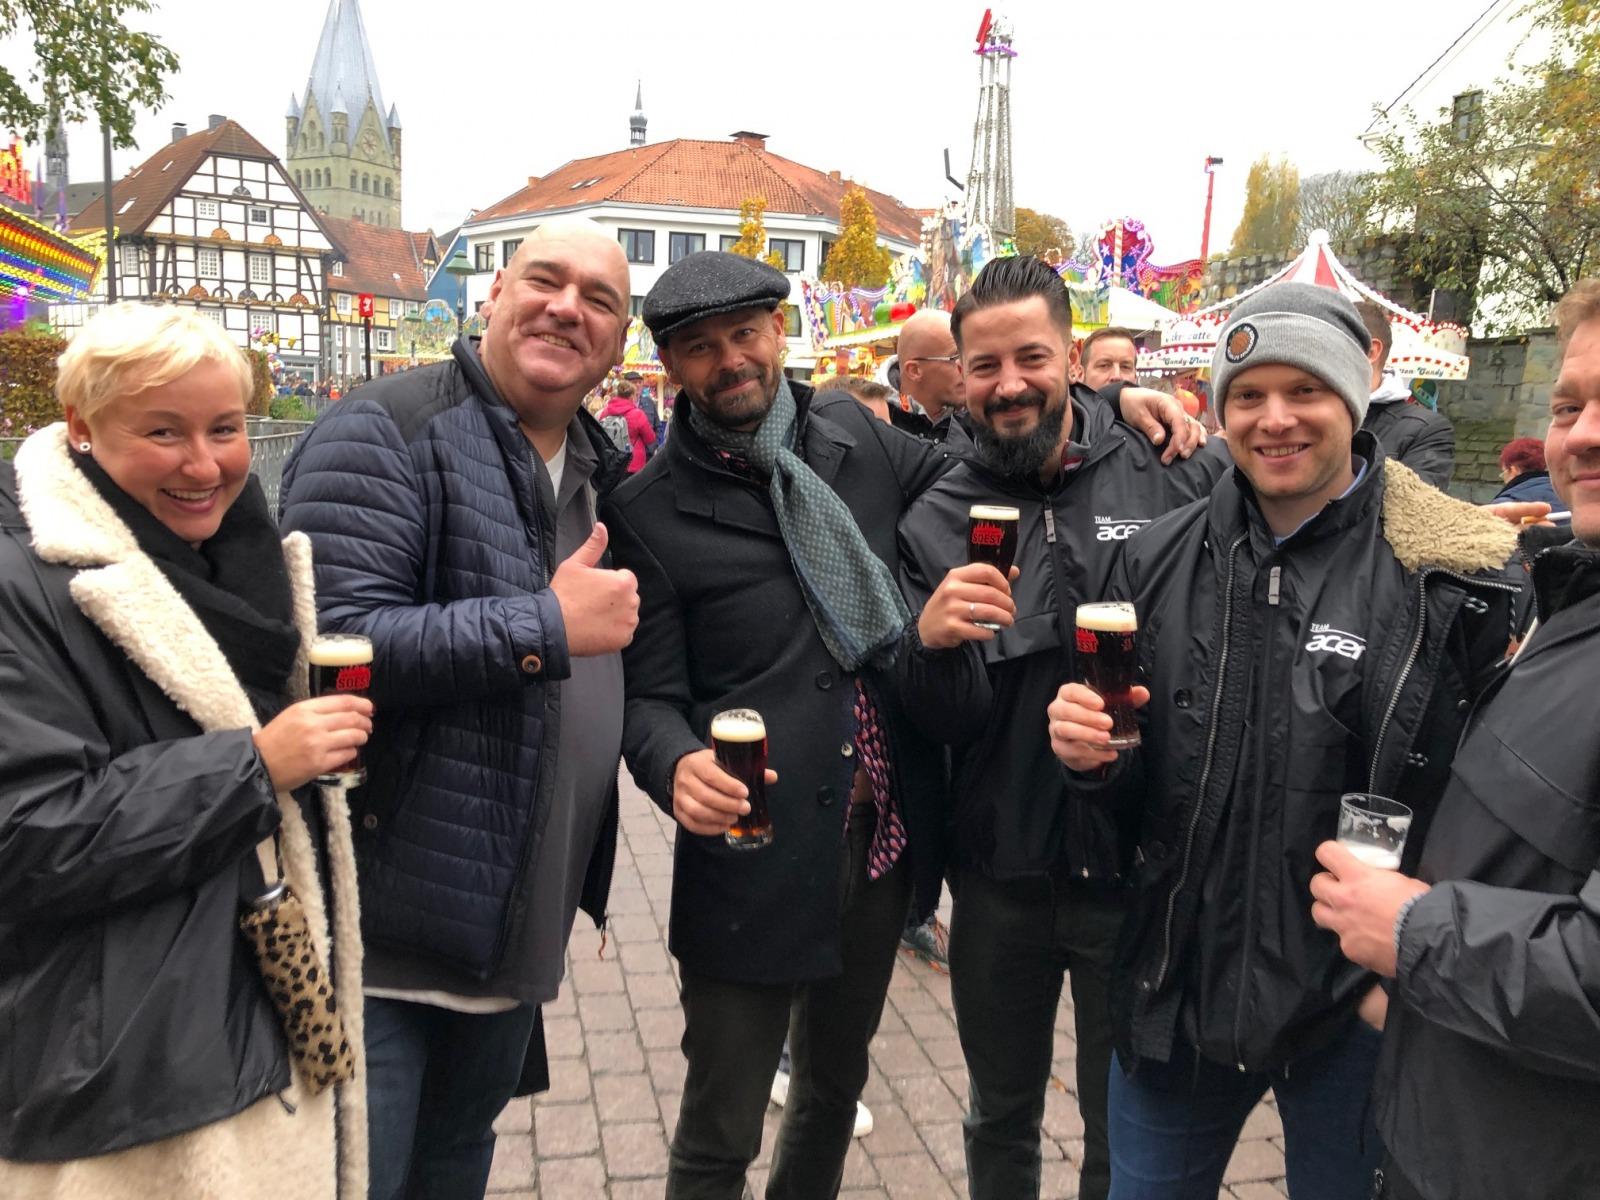 """Siewert & Kau feierte in der """"Solista"""" und startete natürlich auch die beliebten Kirmesrundgänge. Hier stärkt sich das Team """"Acer""""."""